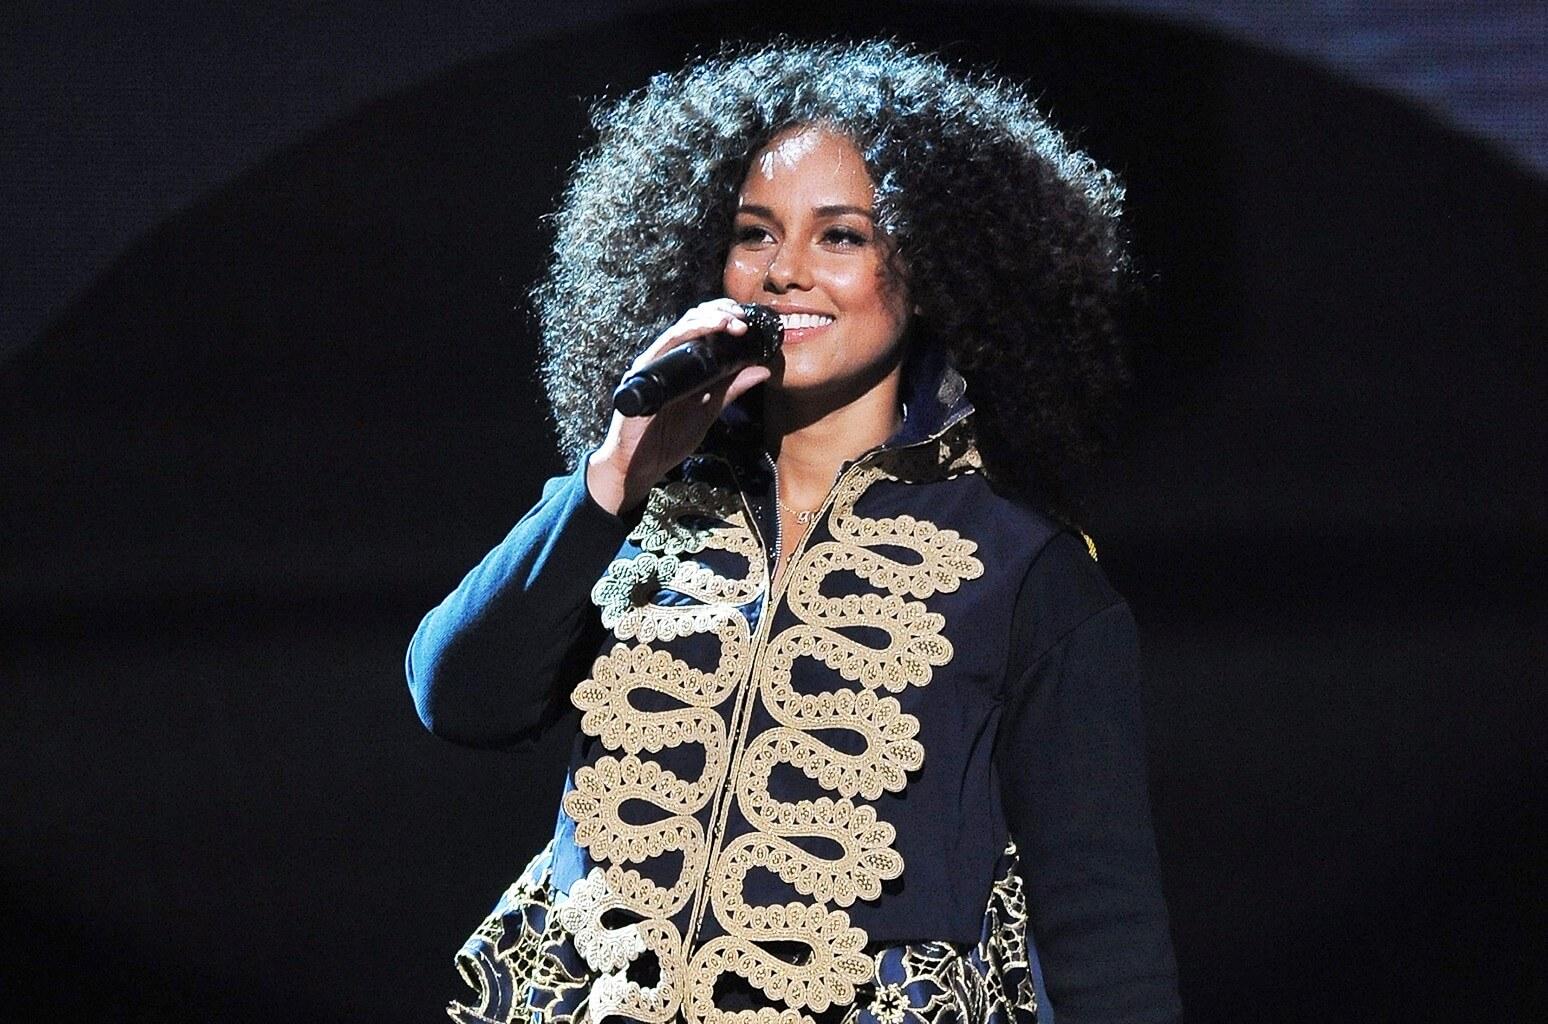 Alicia Keys(アリシア・キーズ)のプロフィール・バイオグラフィーまとめ